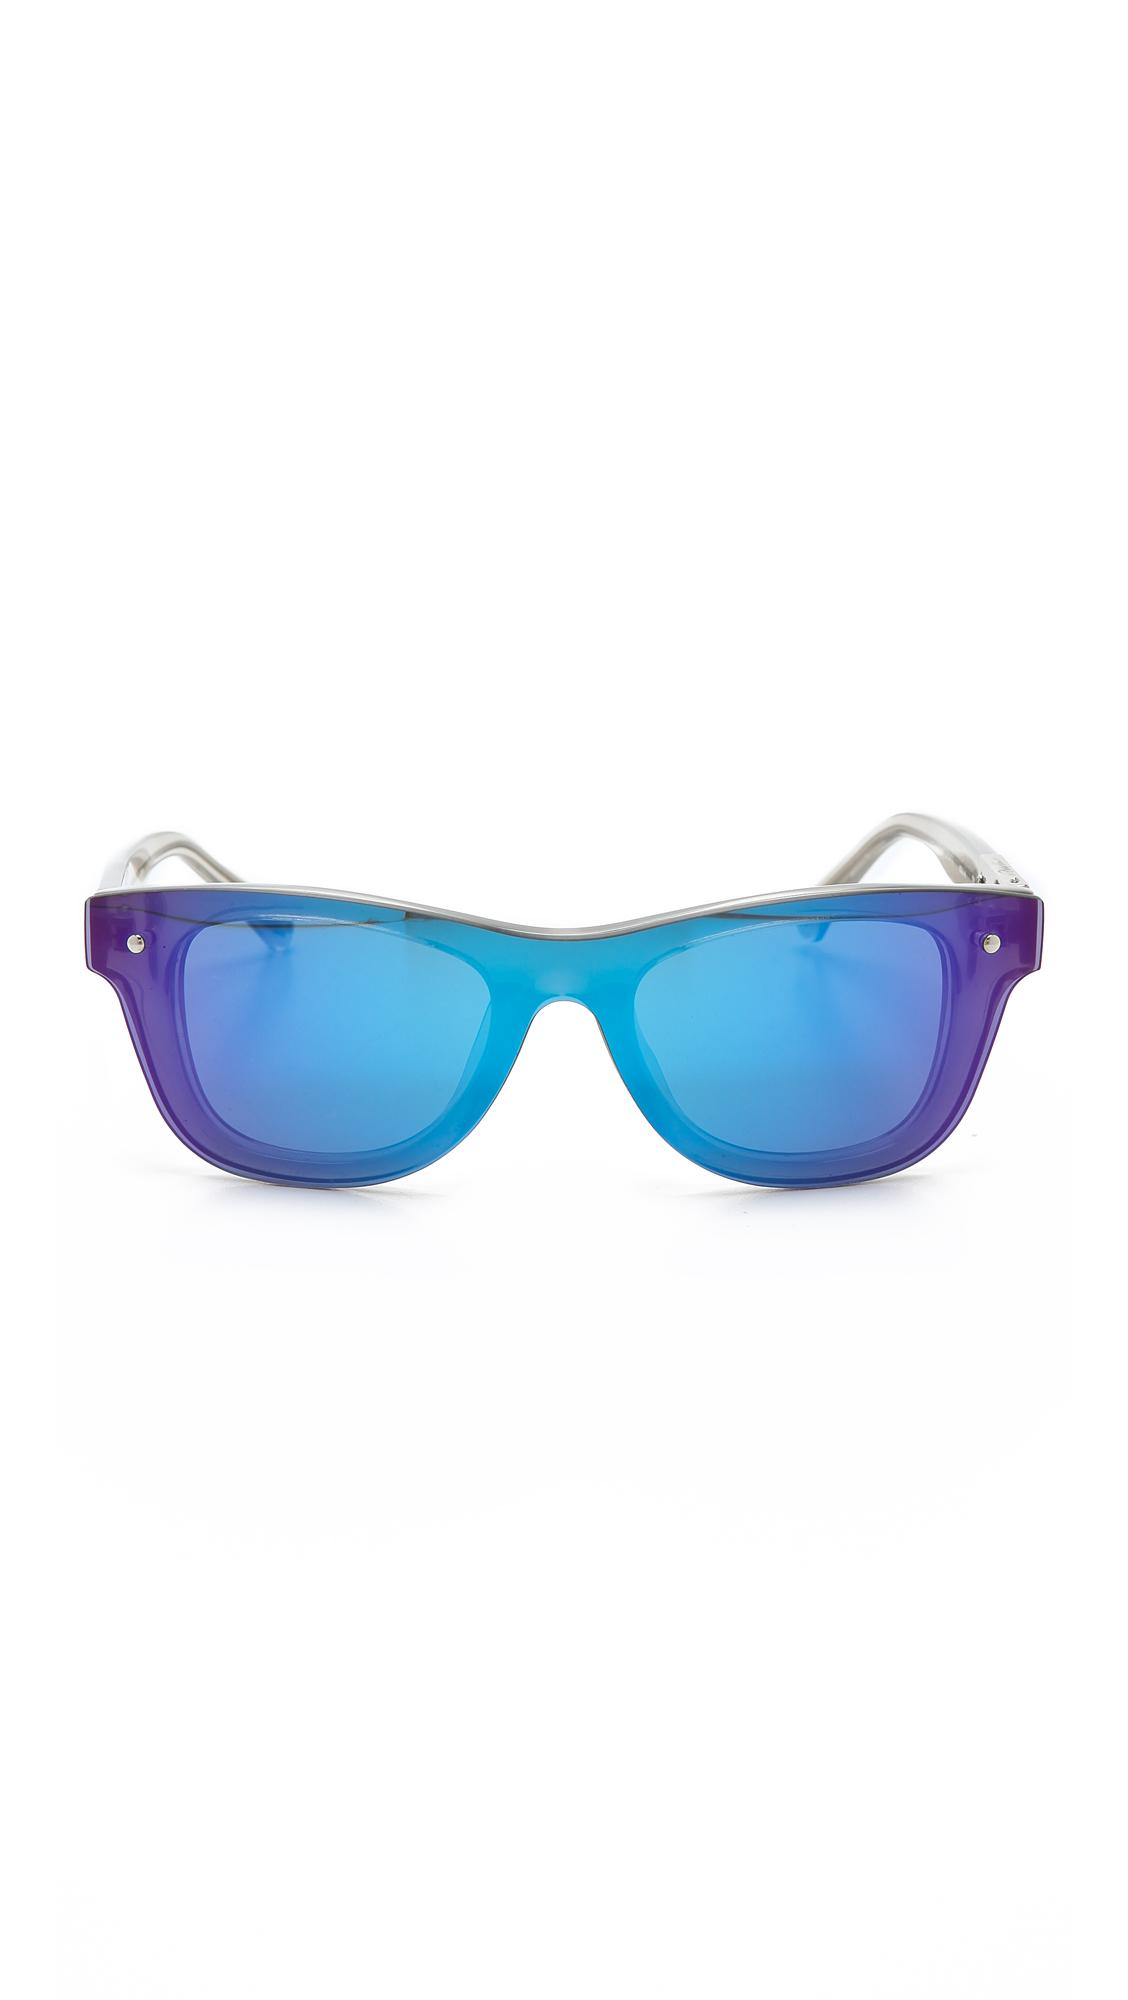 3.1 Phillip Lim Sunvapour Mirrored Sunglasses Blue Mirror